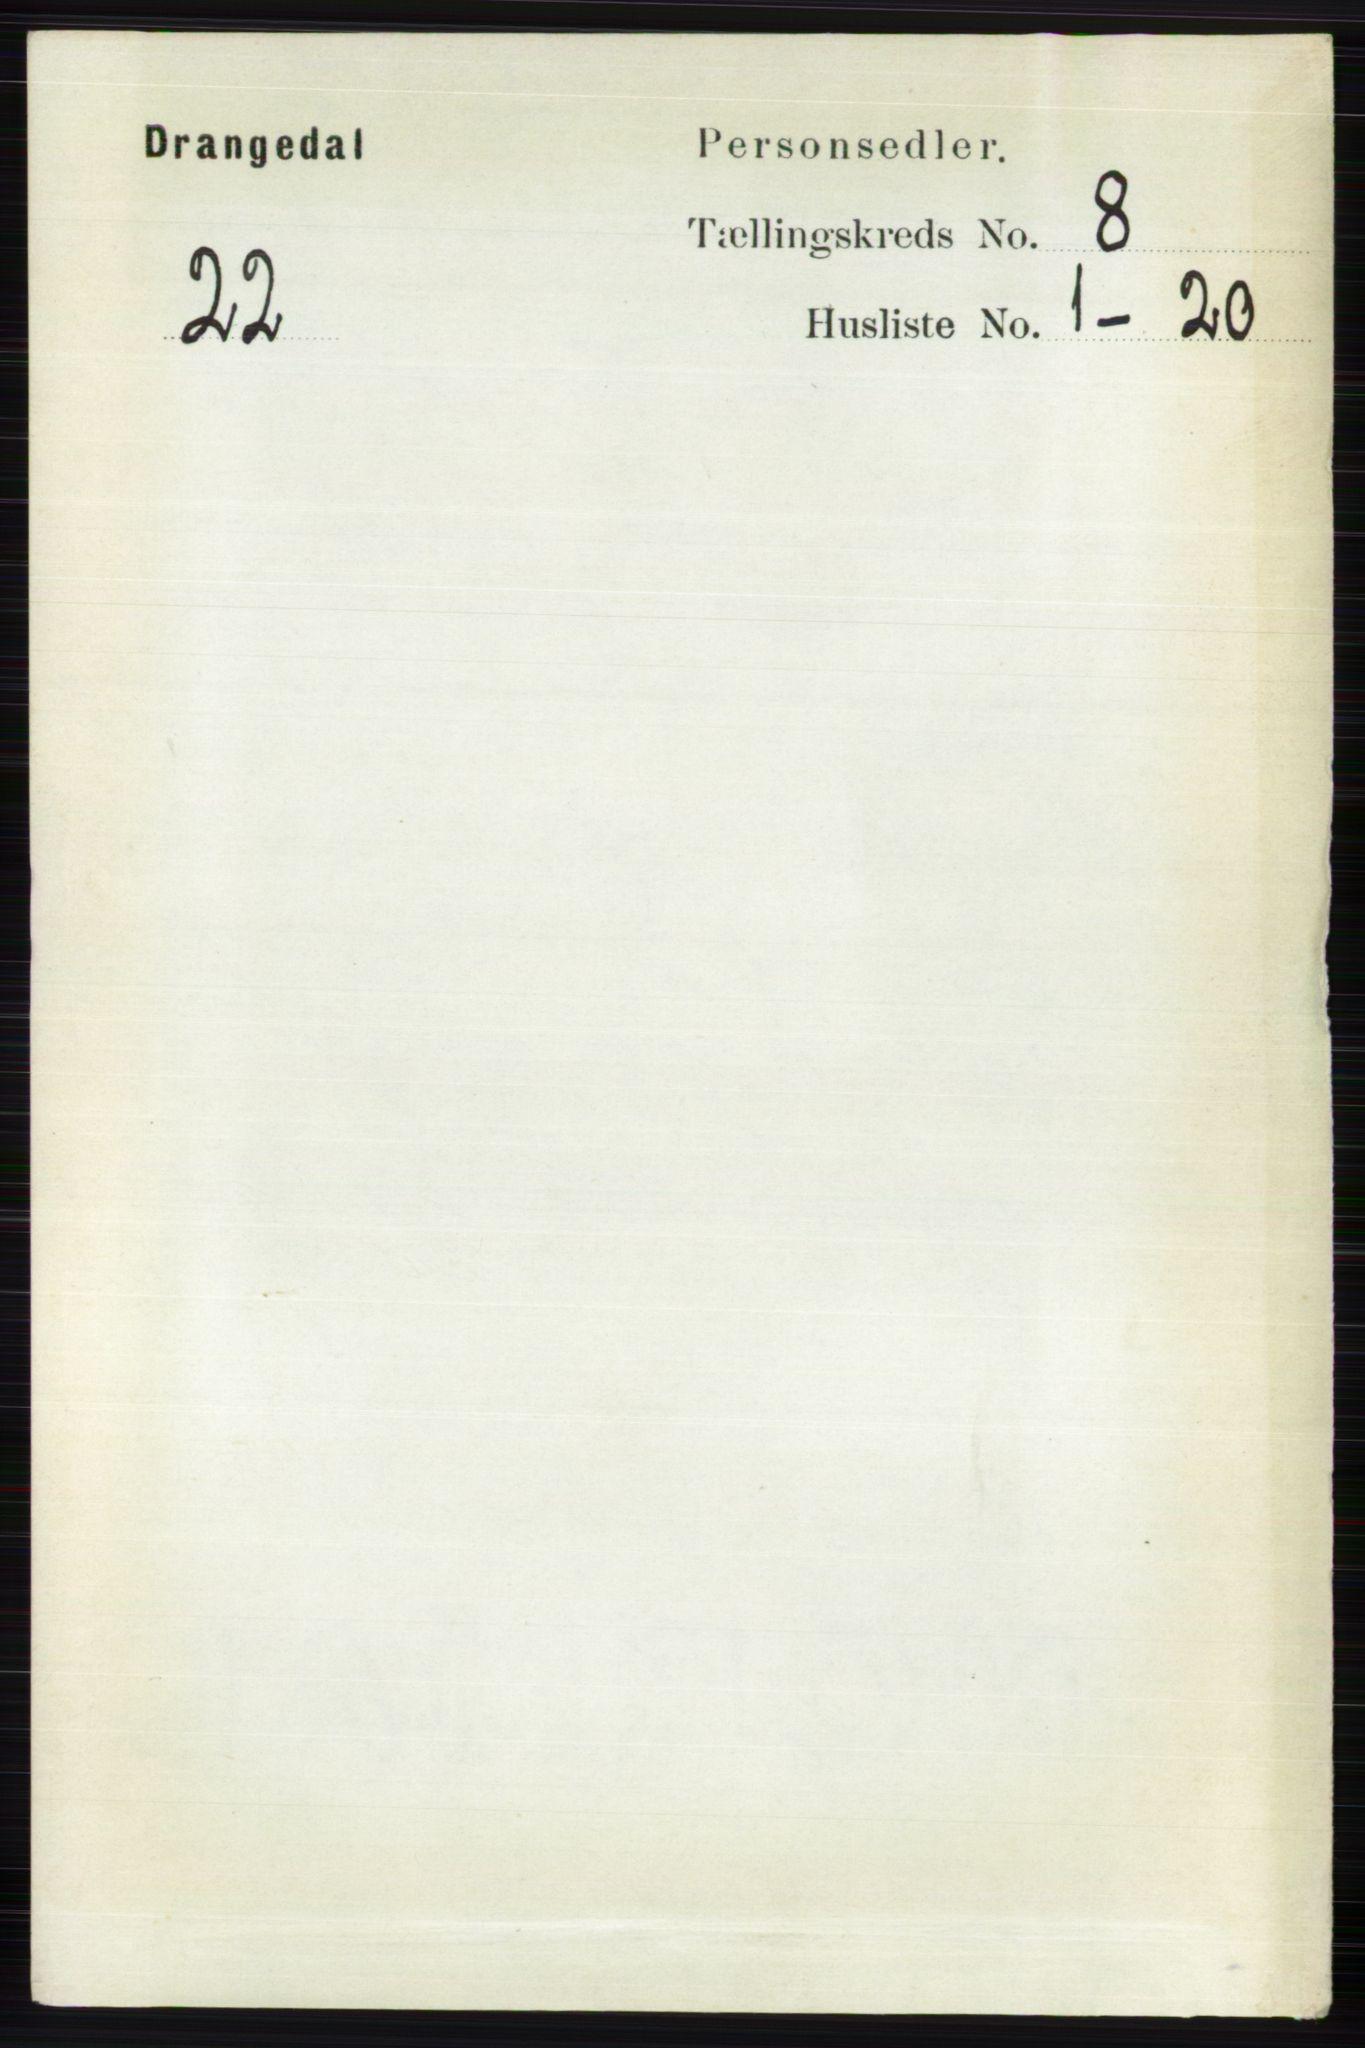 RA, Folketelling 1891 for 0817 Drangedal herred, 1891, s. 2643